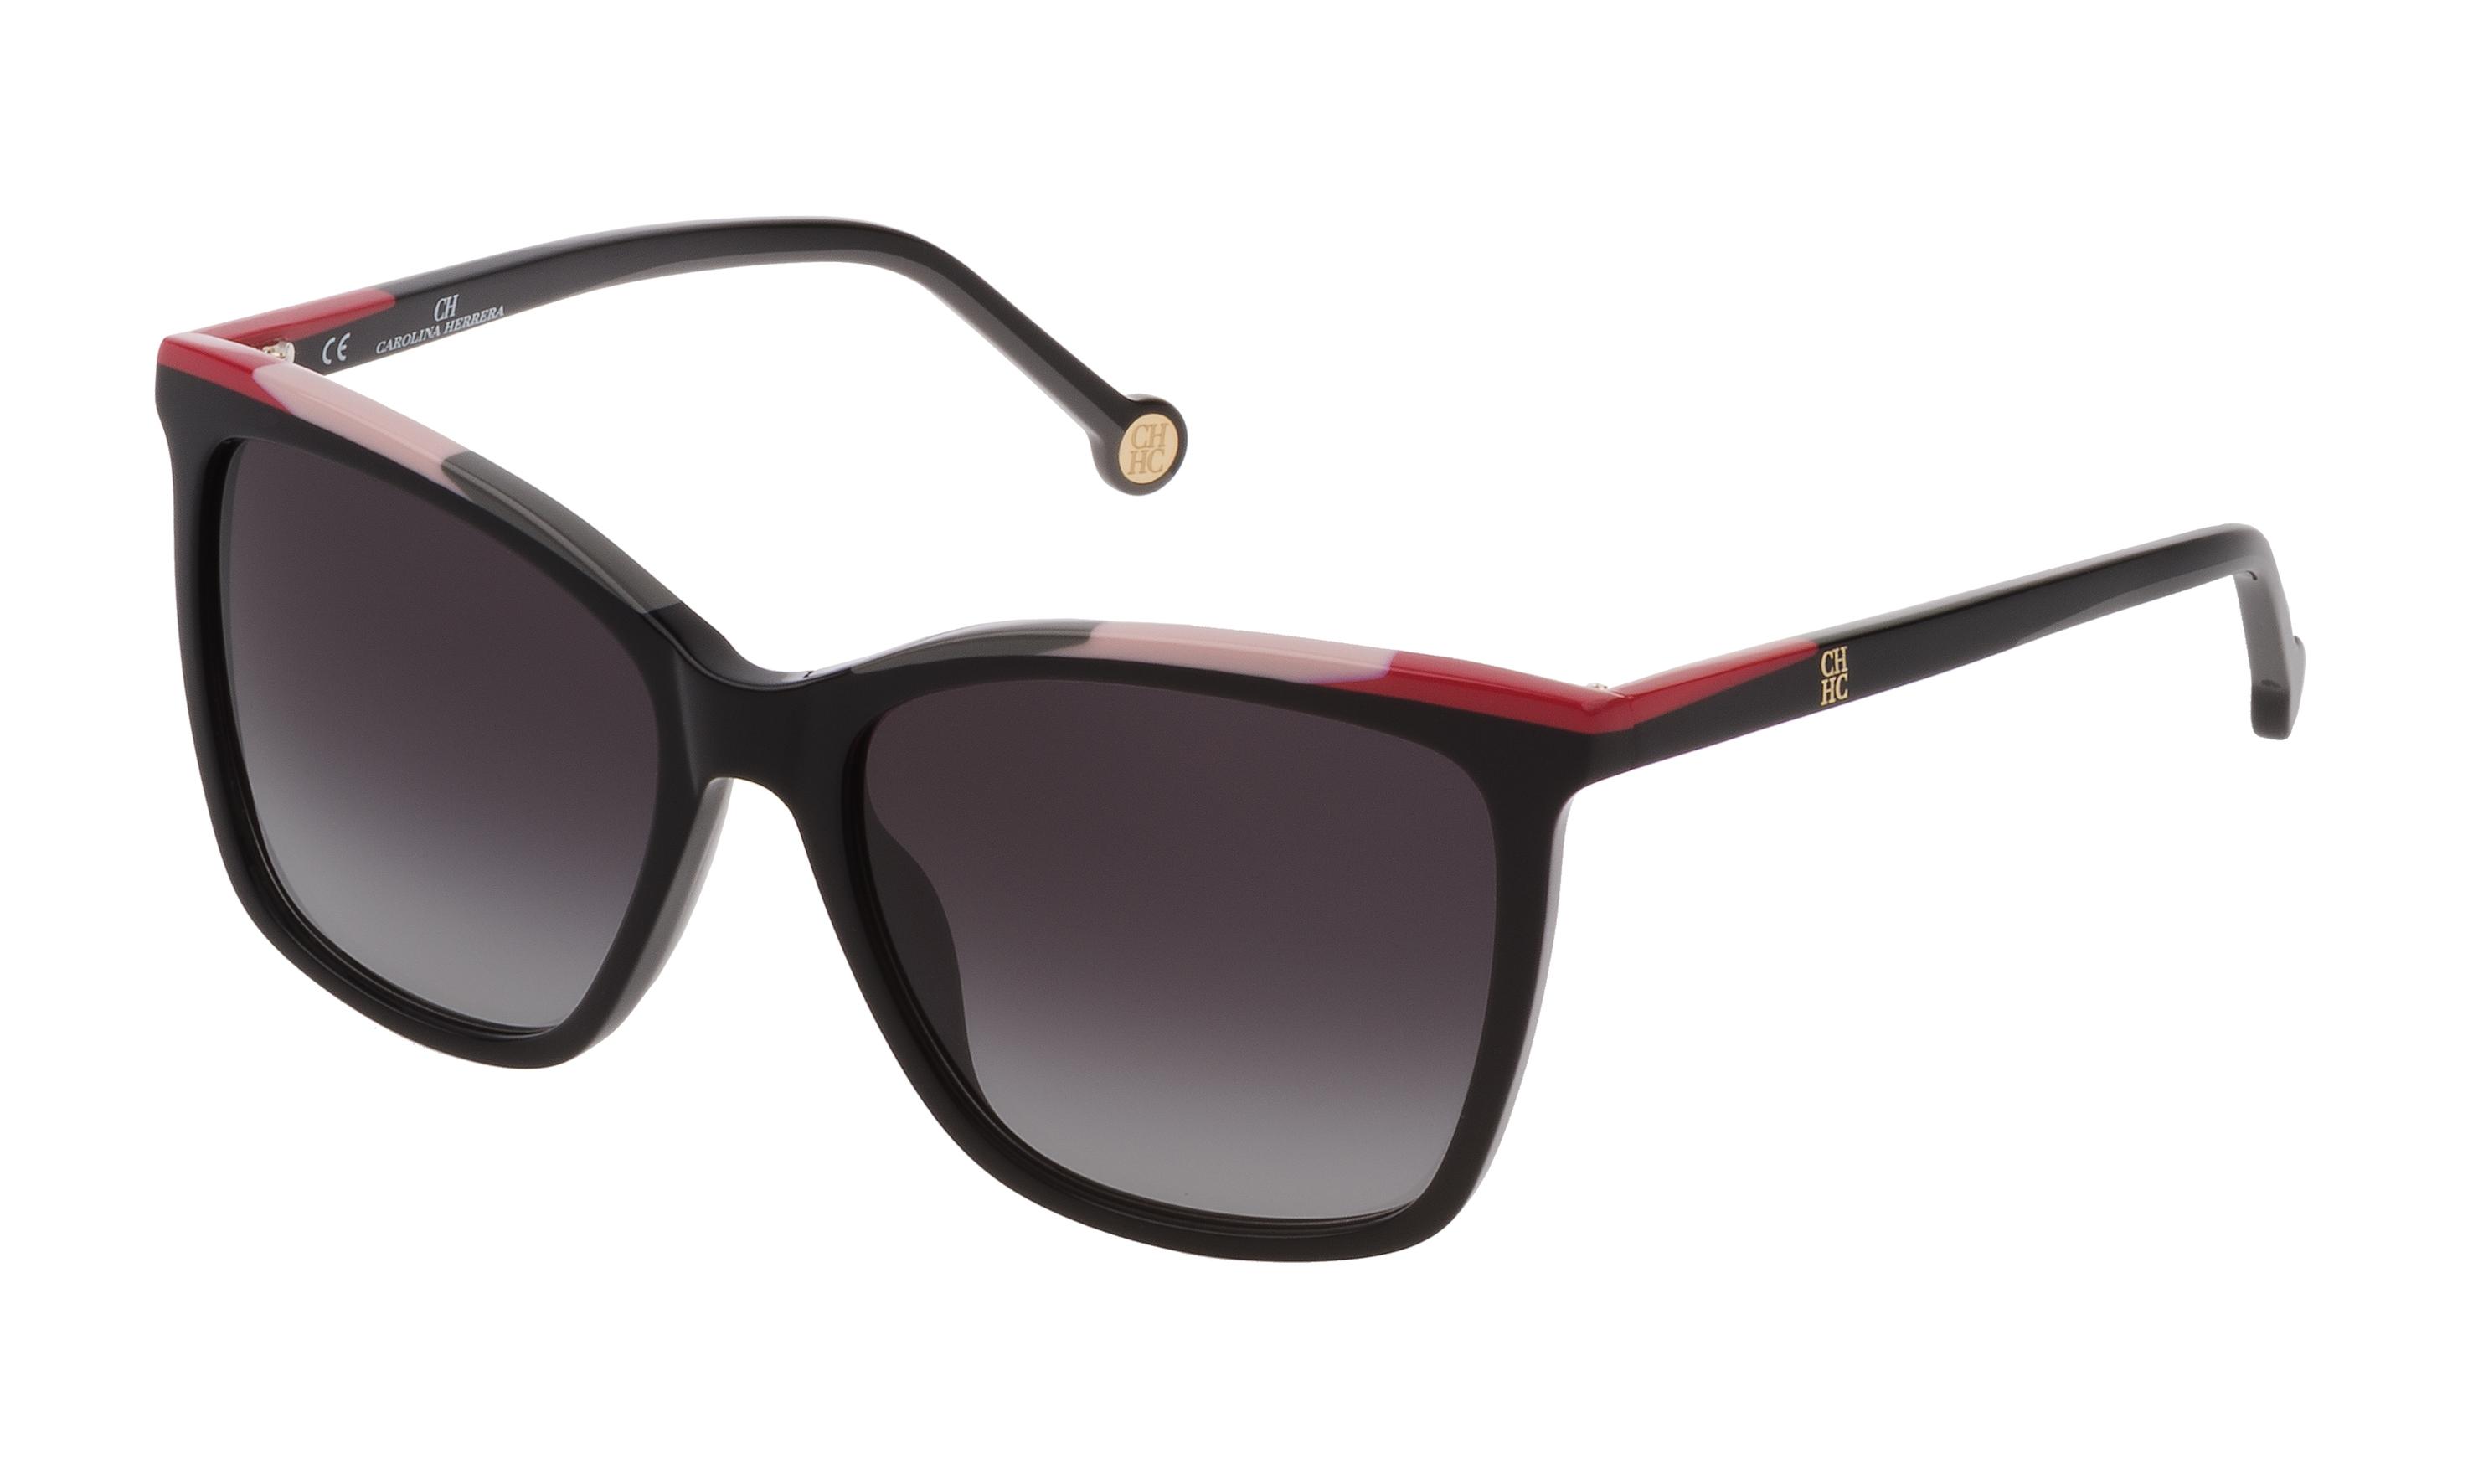 CAROLINA HERRERA SHE 826 0700  Gafas de sol Mujer